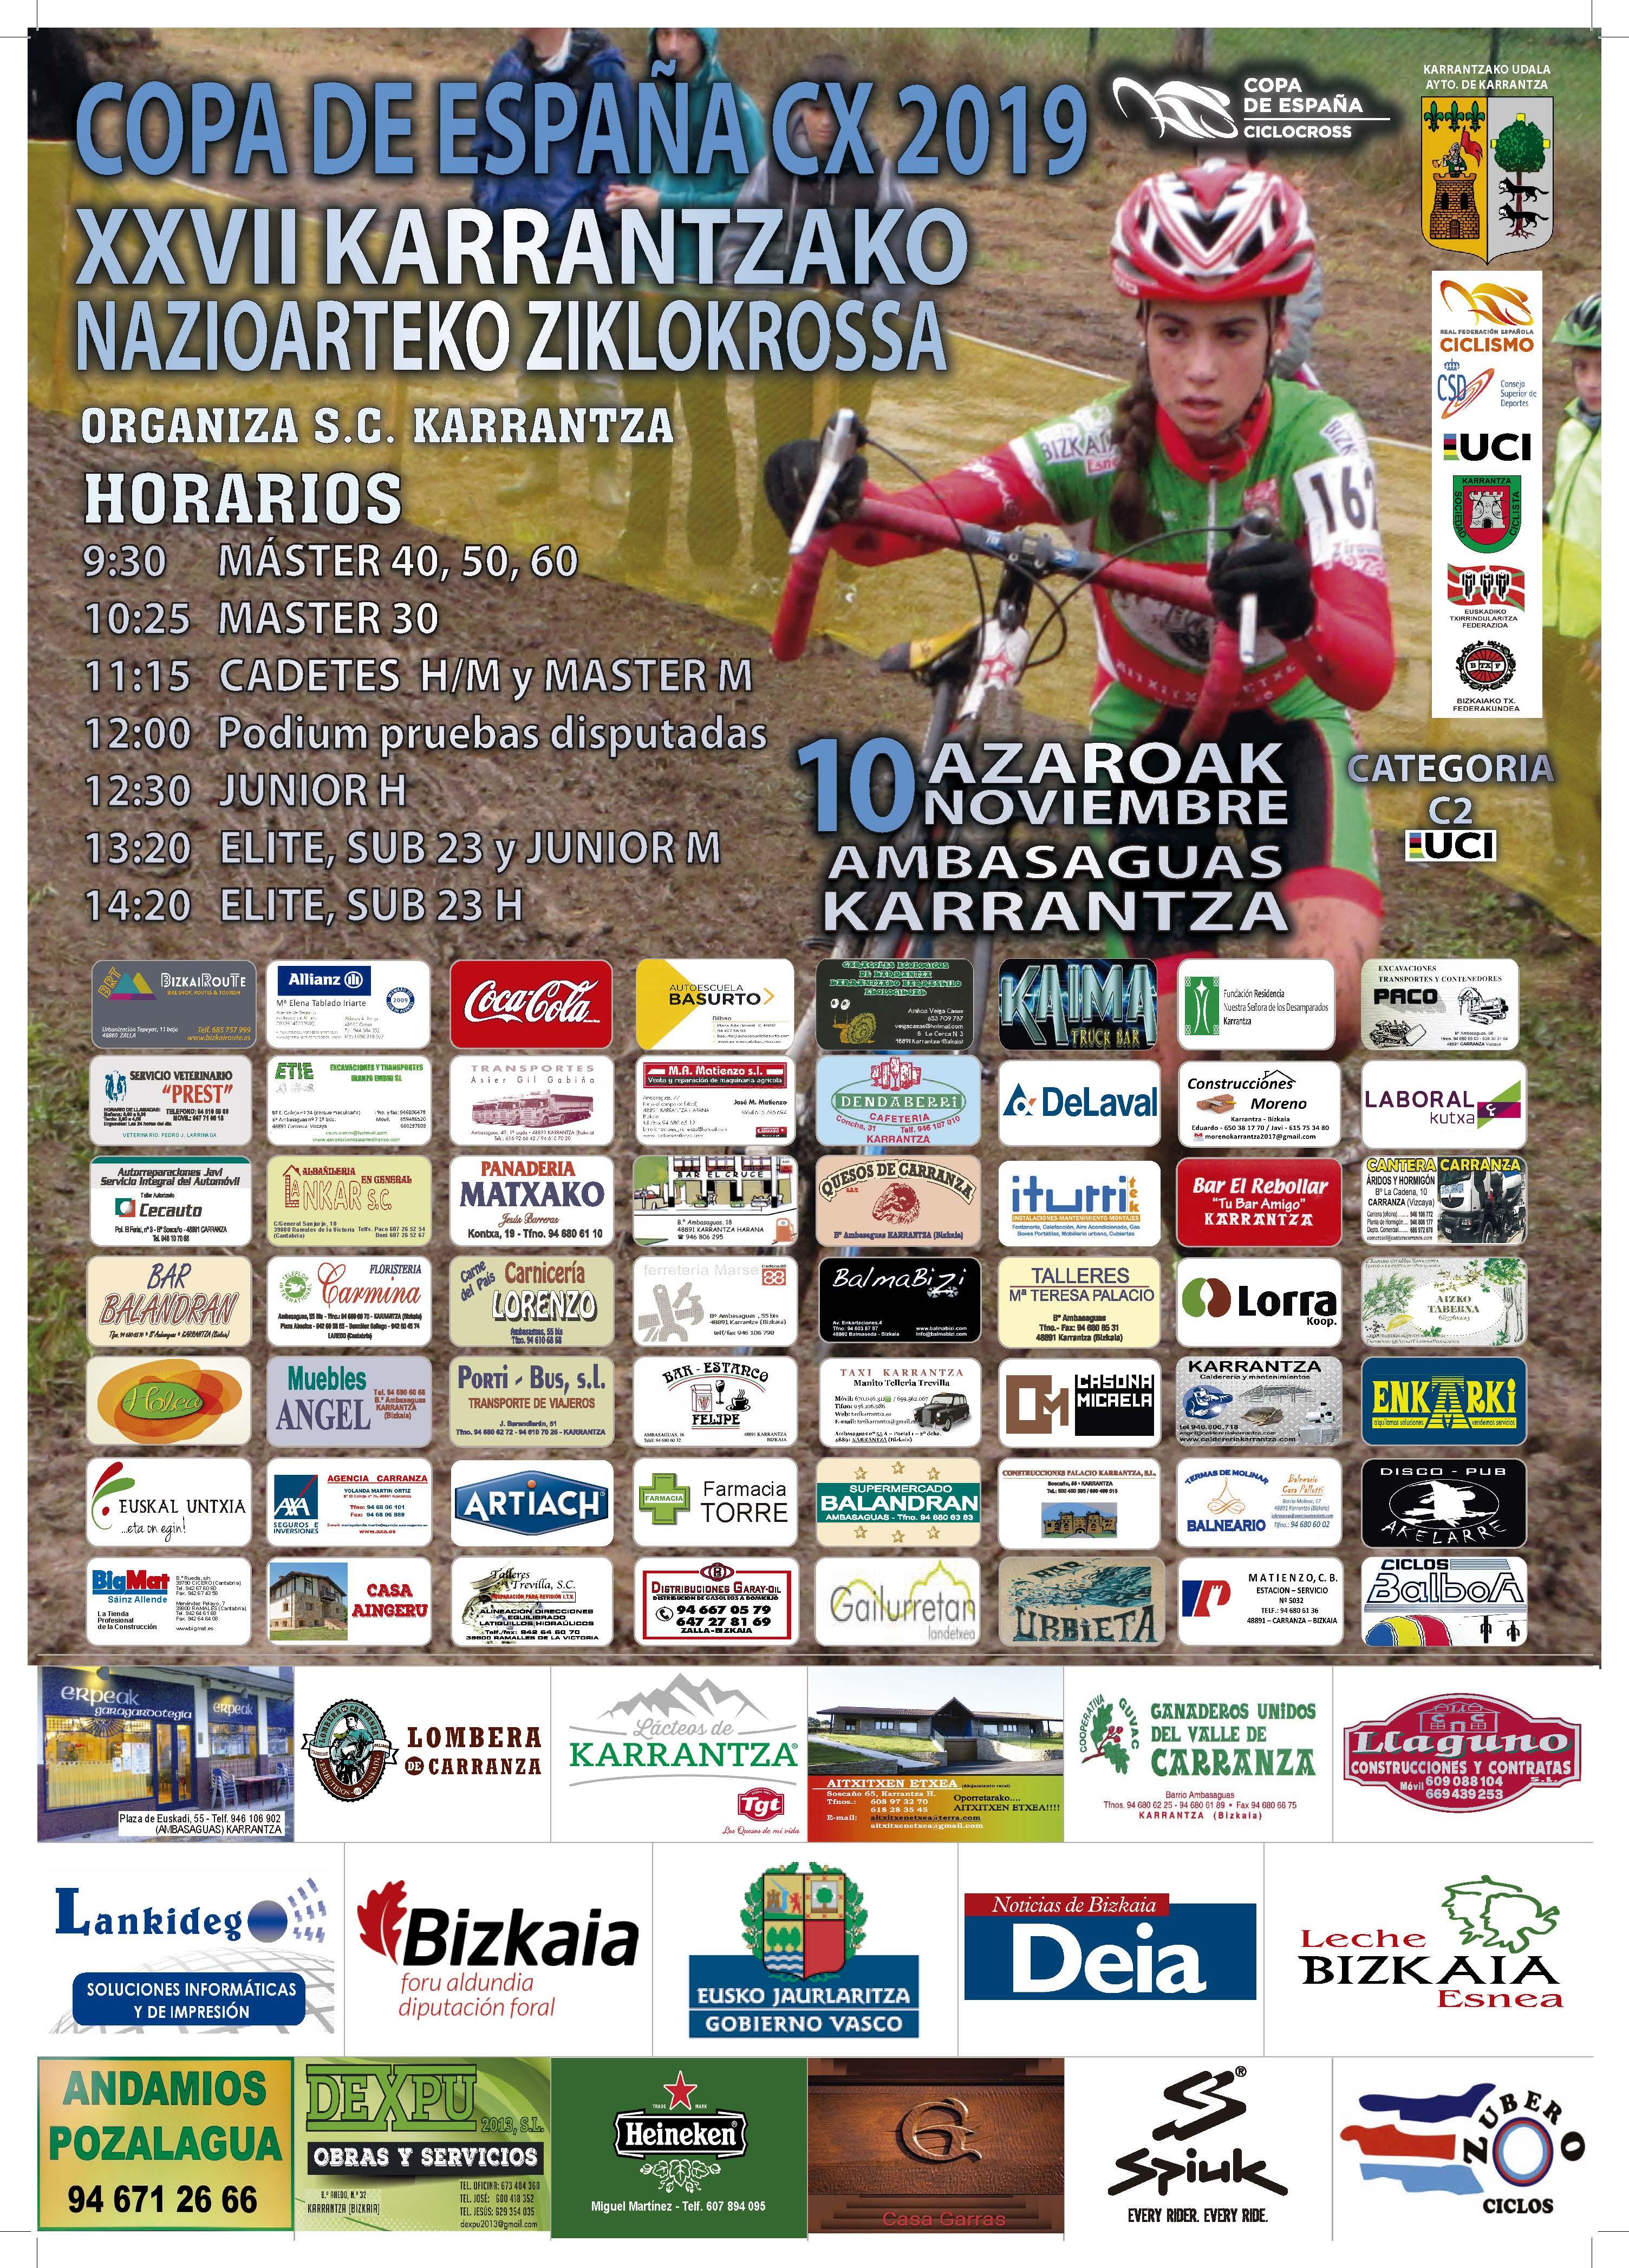 El XXVII Ciclocross Karrantza da continuidad a la Copa de España de Ciclocross 2019